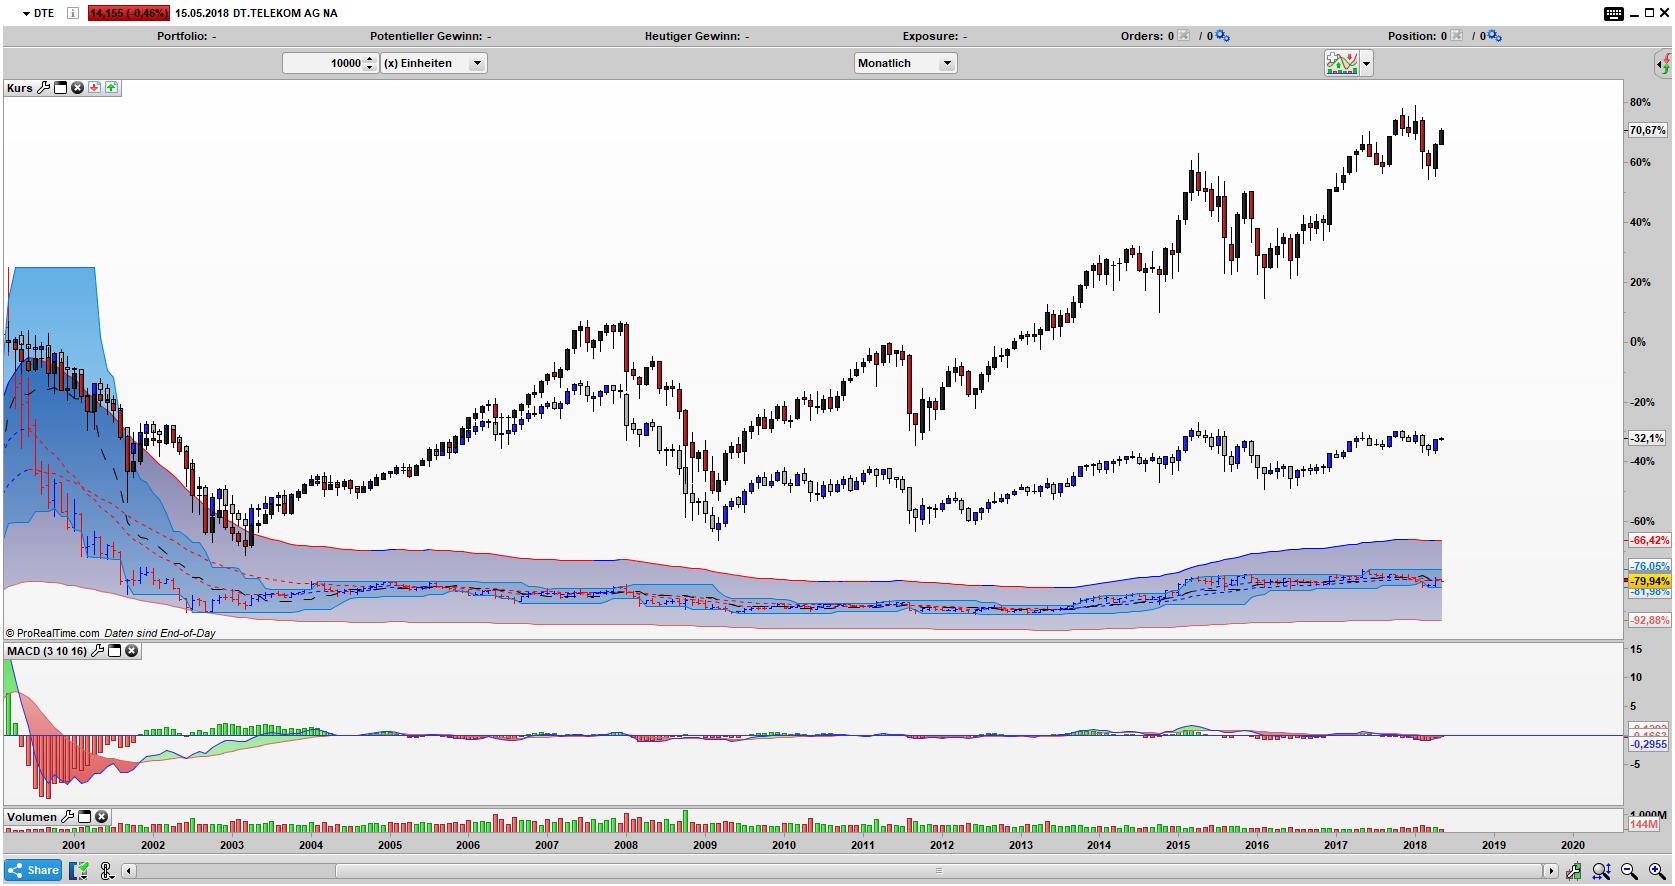 DTE vs. DAX und EURO STOXX 50 - klare Underperformance